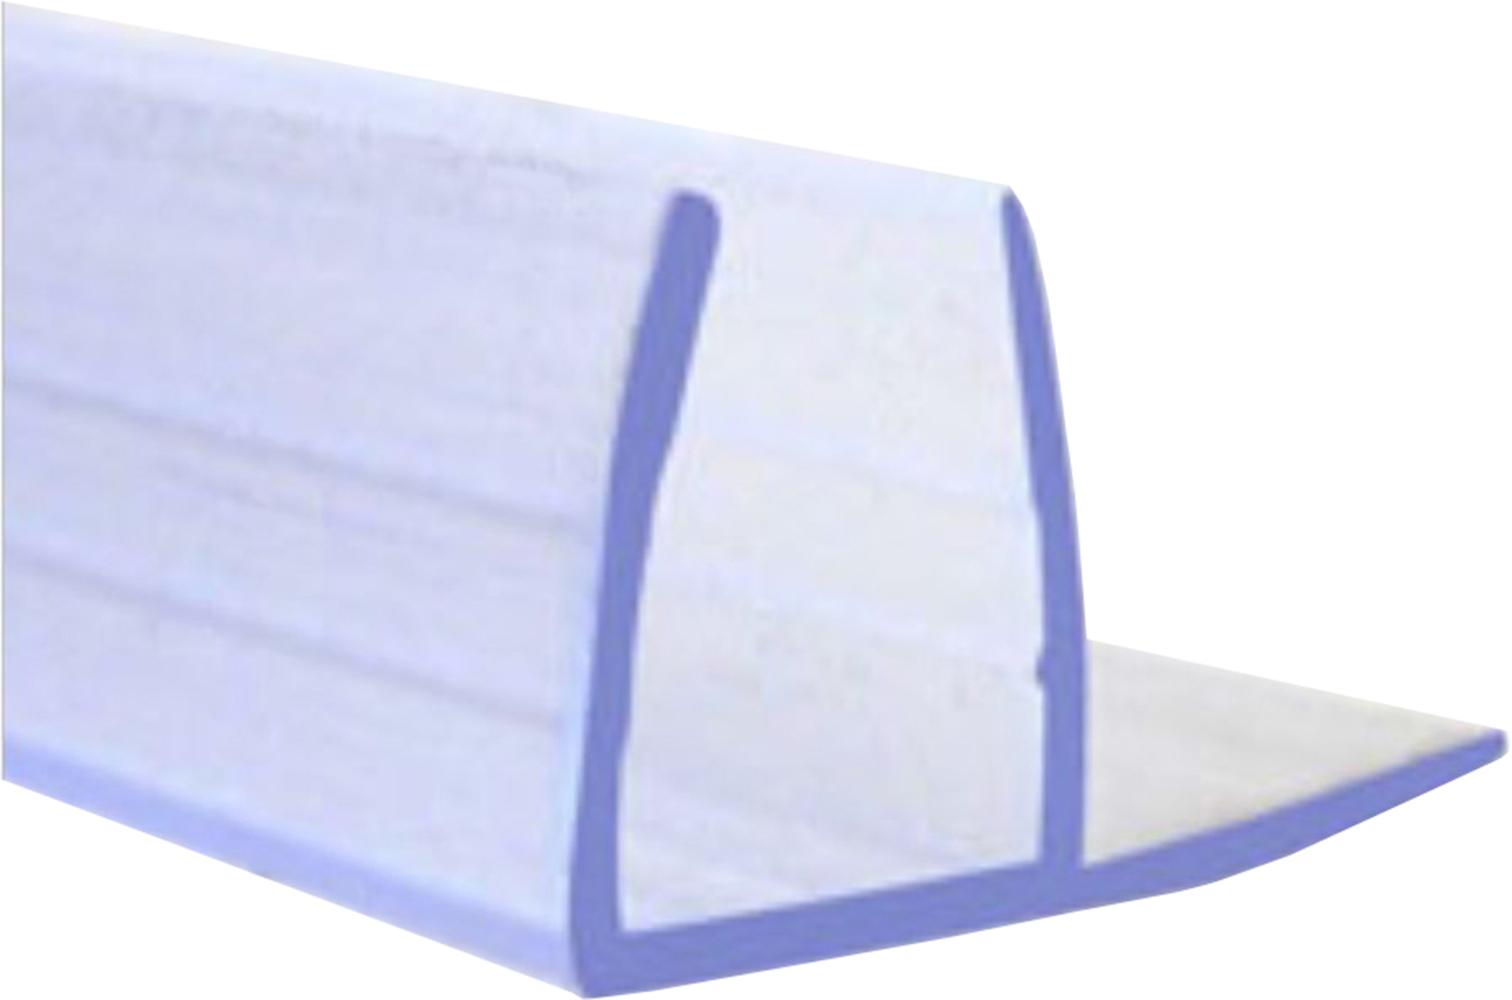 Dichtung für Schiebetürduschen (IX-20, 200 cm)